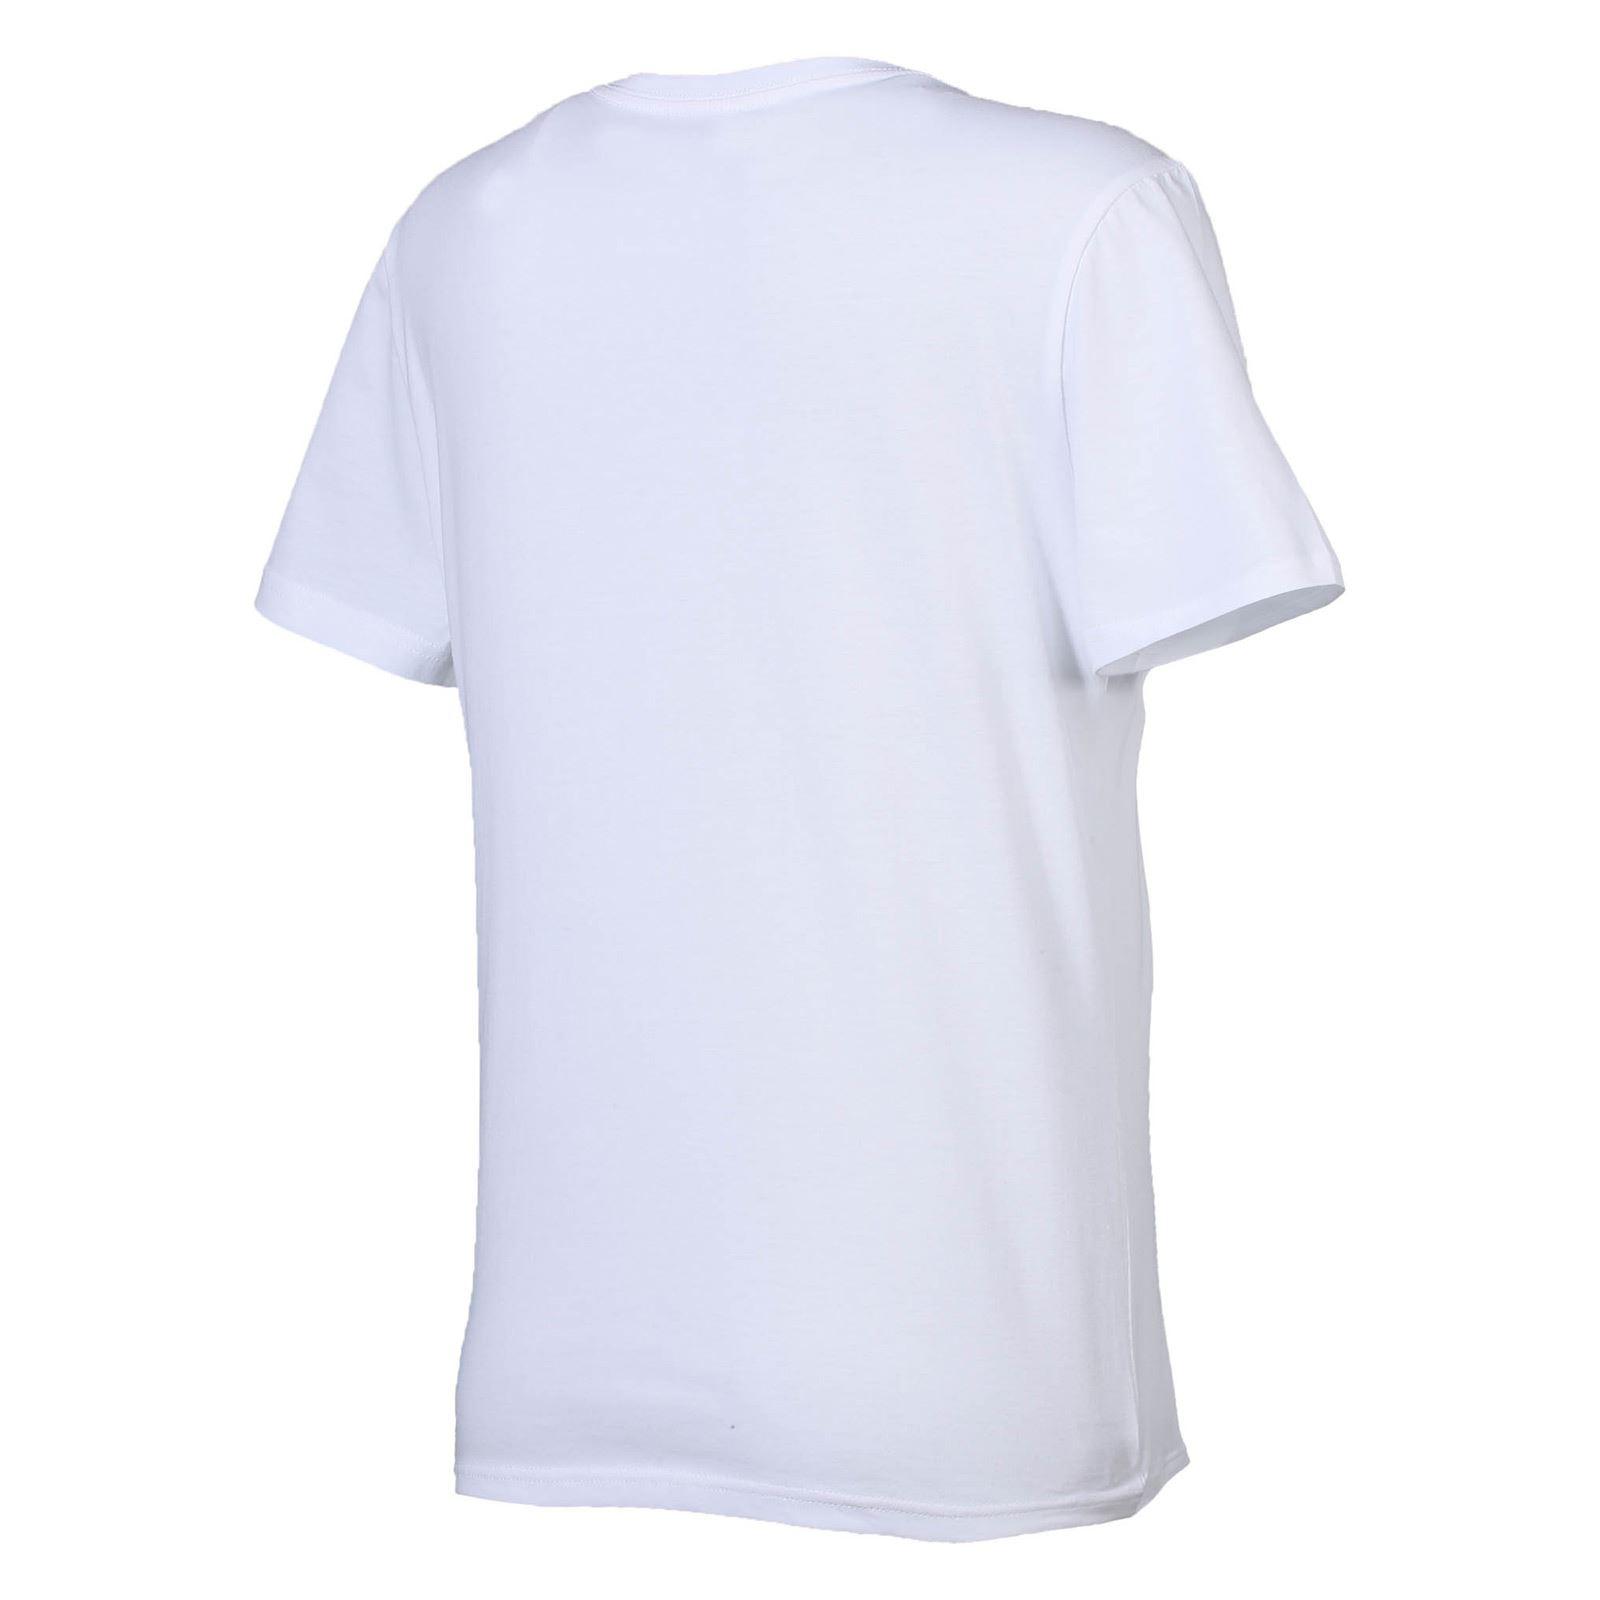 ... adidas Tennis t-shirt Womens White Top t-Shirt maglietta camicia  Sportwear 717c5d5760fd